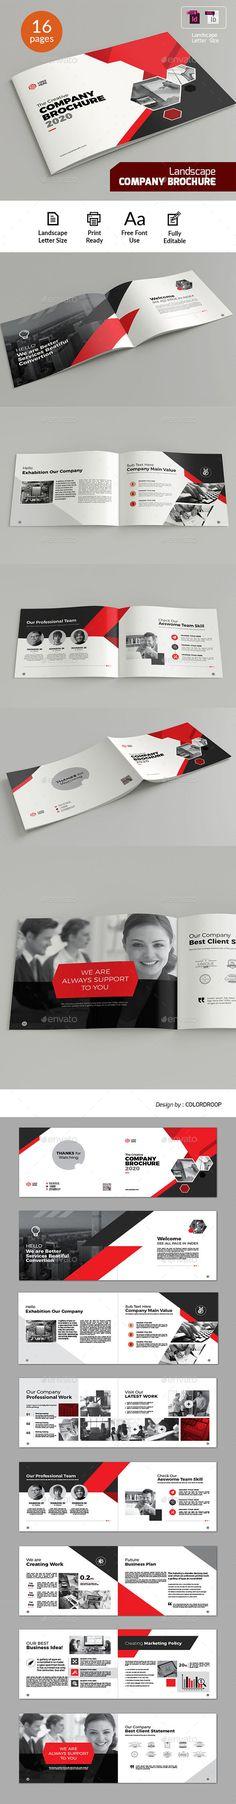 Landscape Company Brochure Template InDesign INDD - Letter Size